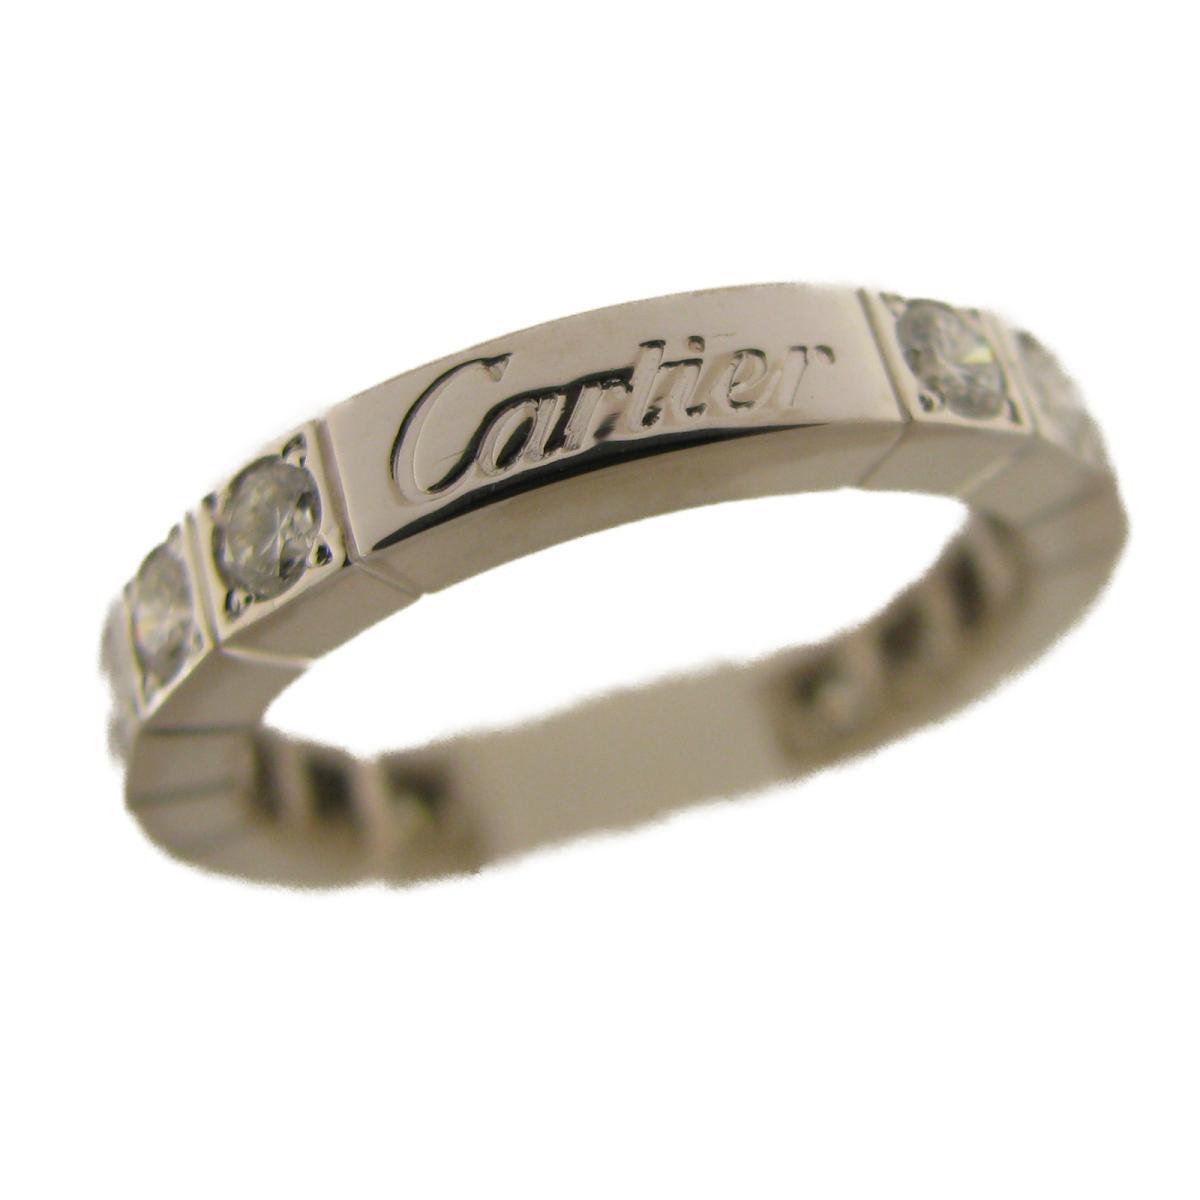 ラニエール フルダイヤリング 指輪/SALE #50/10号